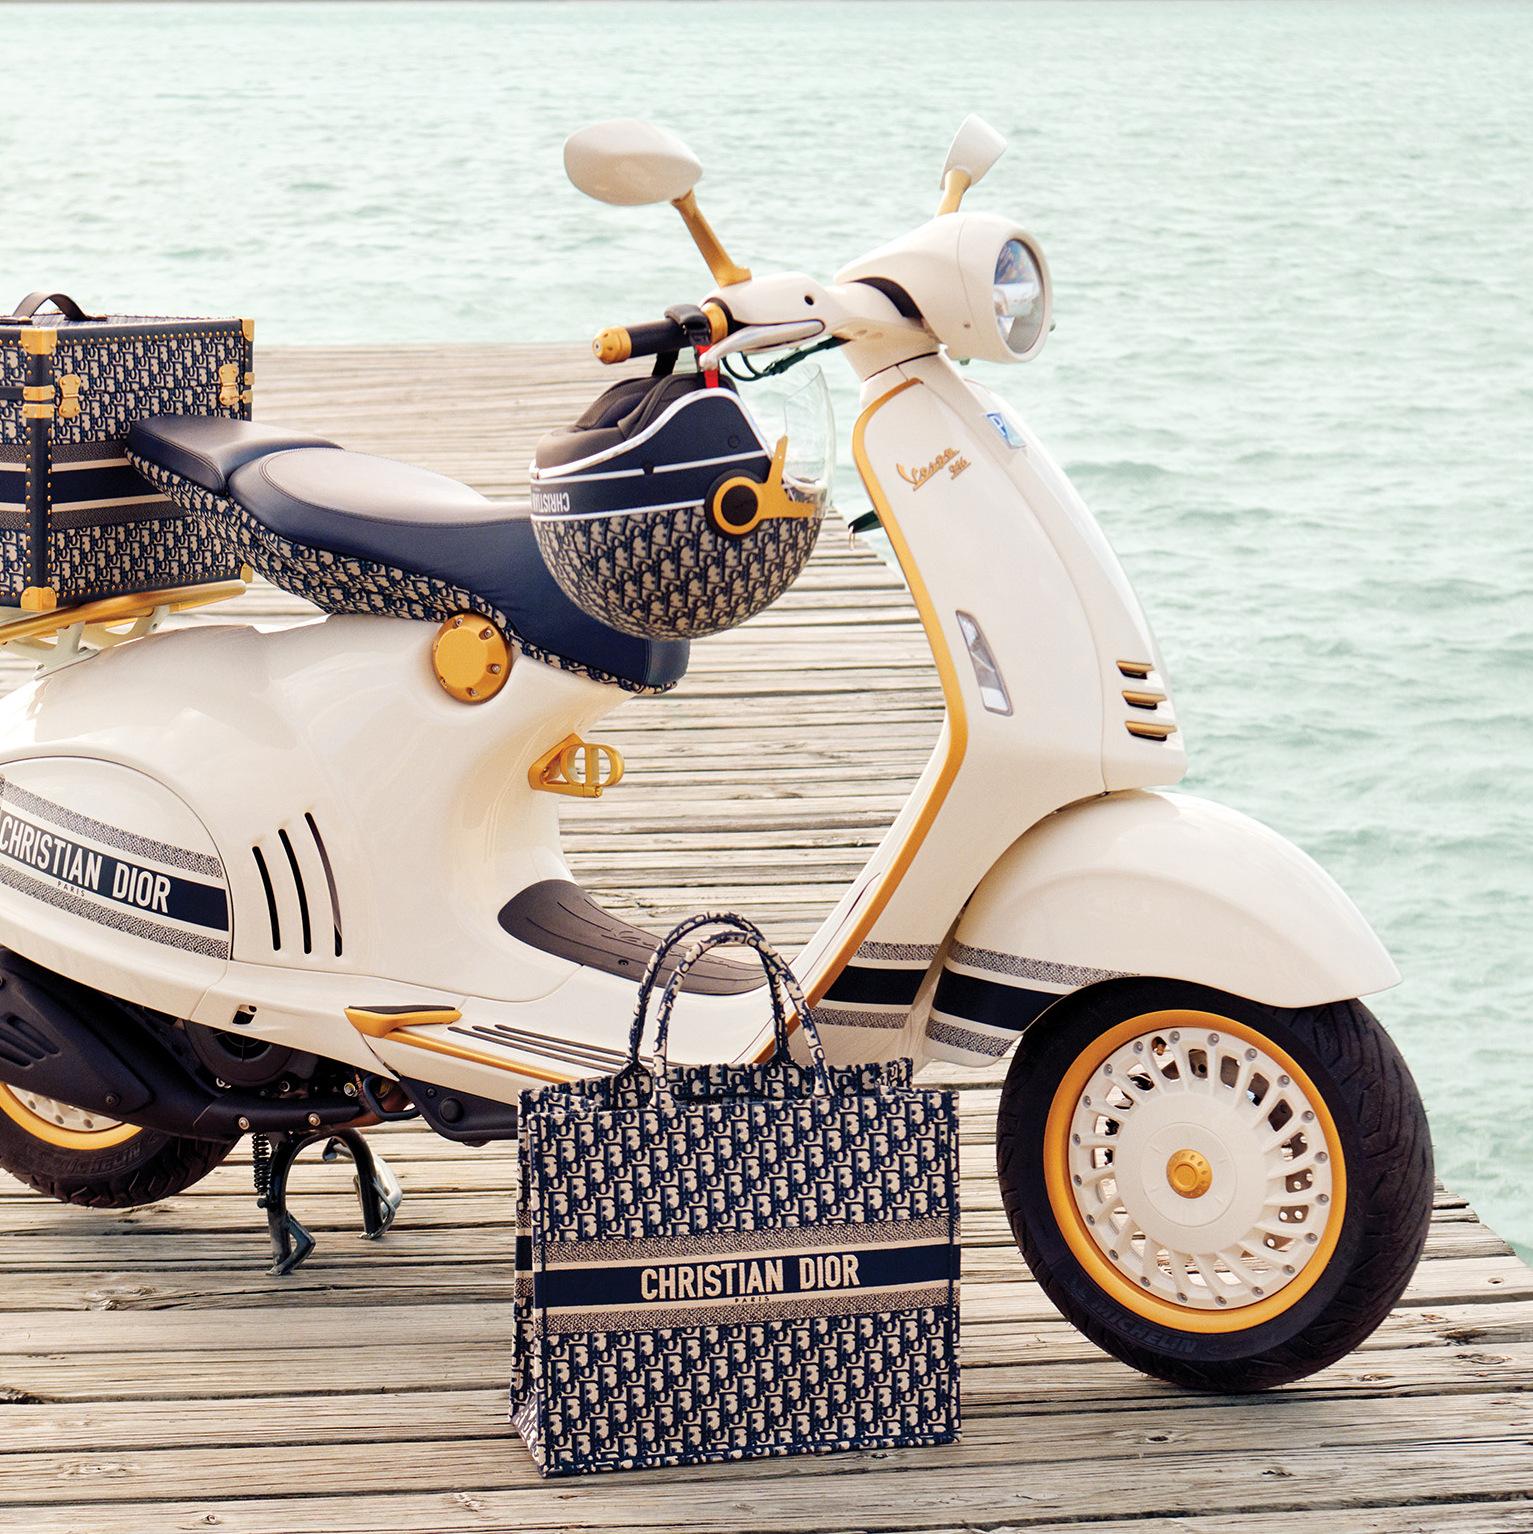 Снимка на деня: Vespa&Dior – очаквано добра комбинация